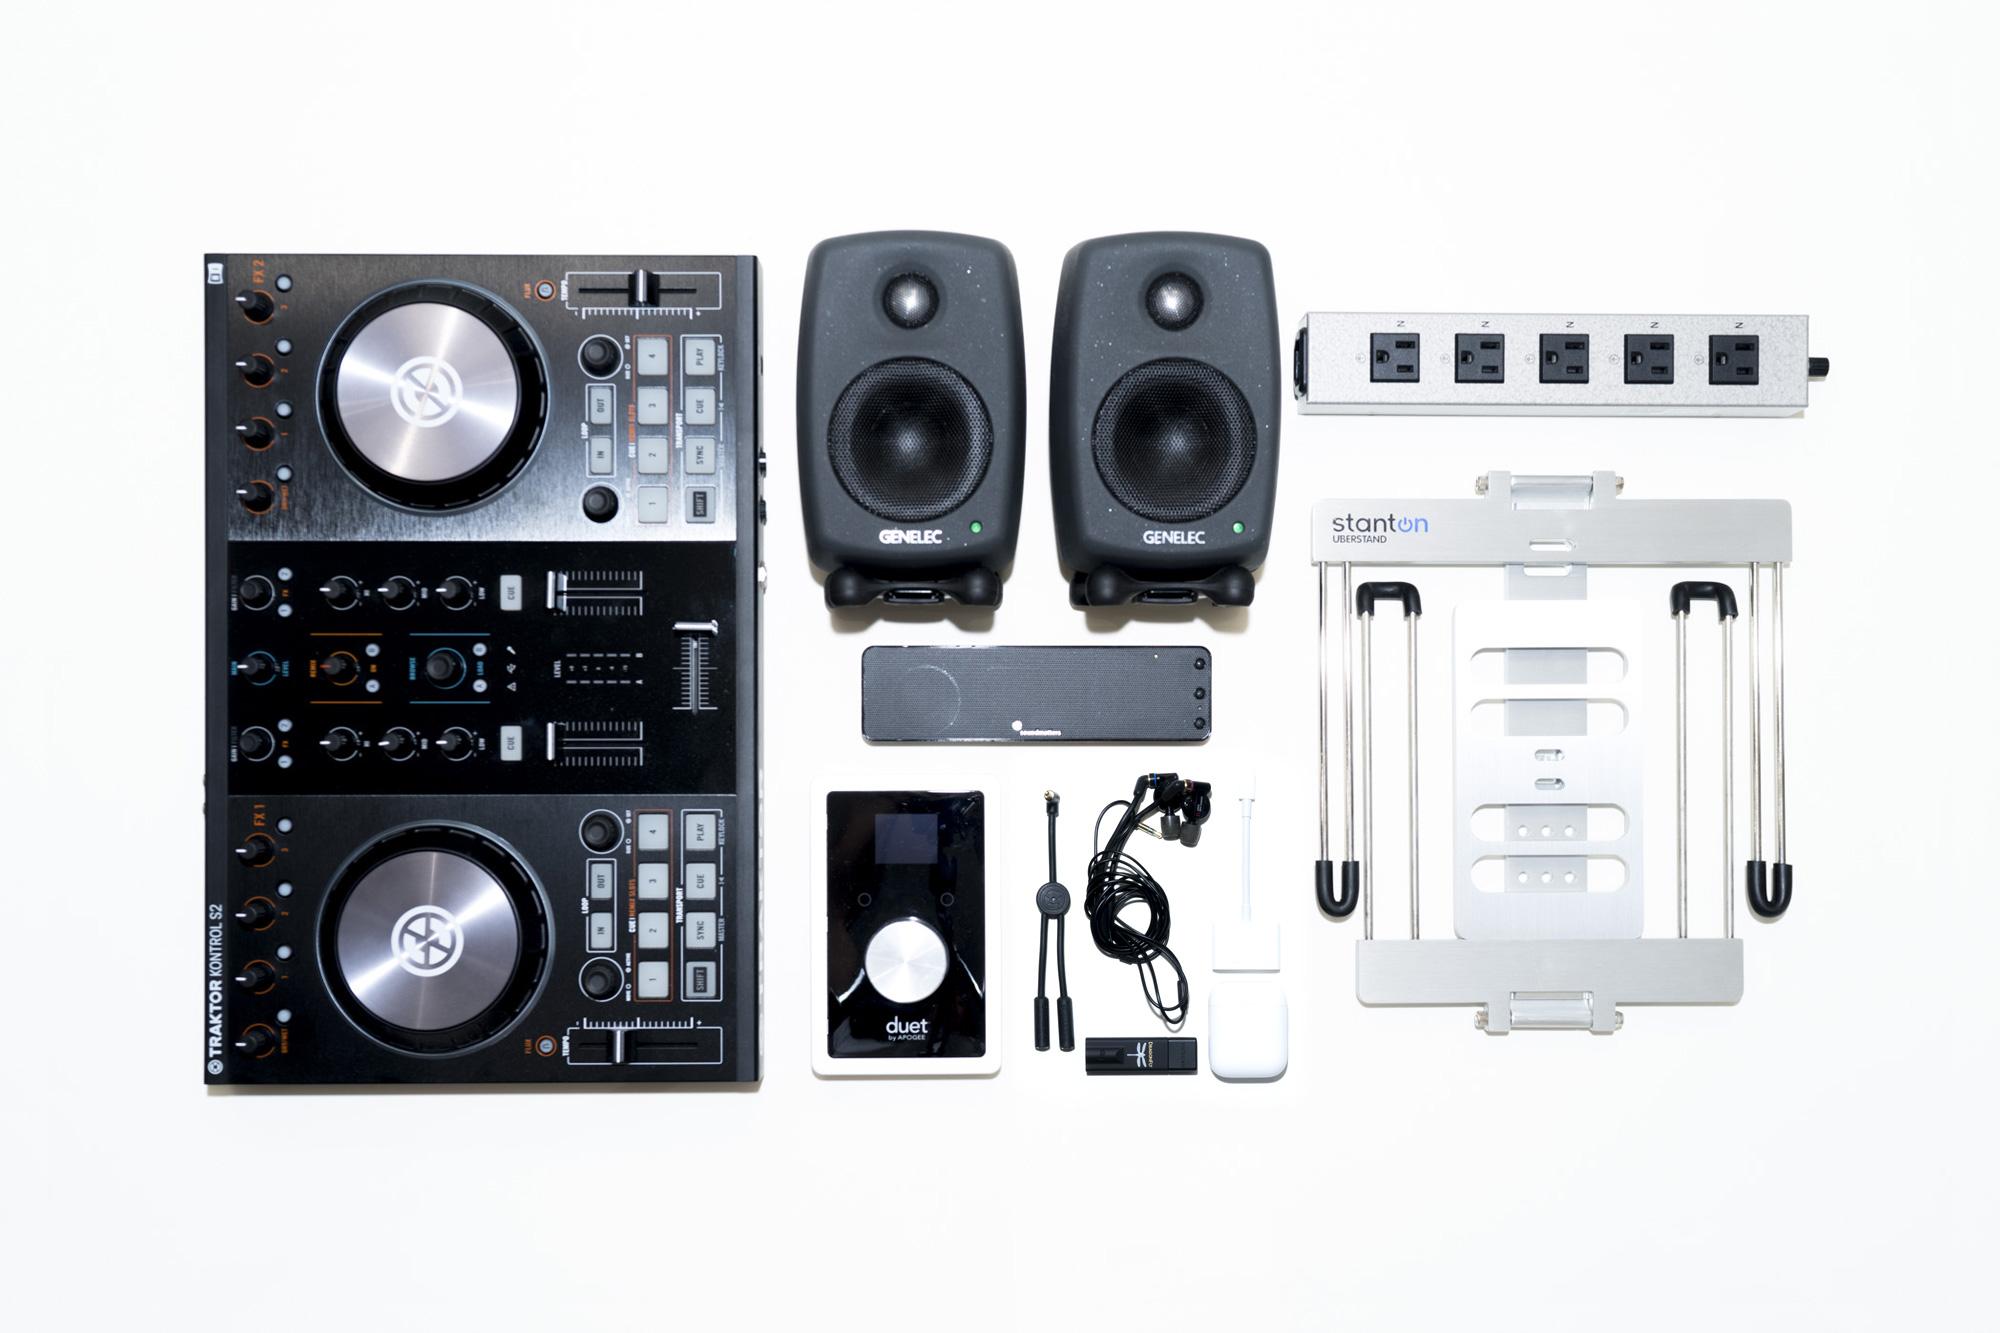 My Audio Visual Equipment 2017